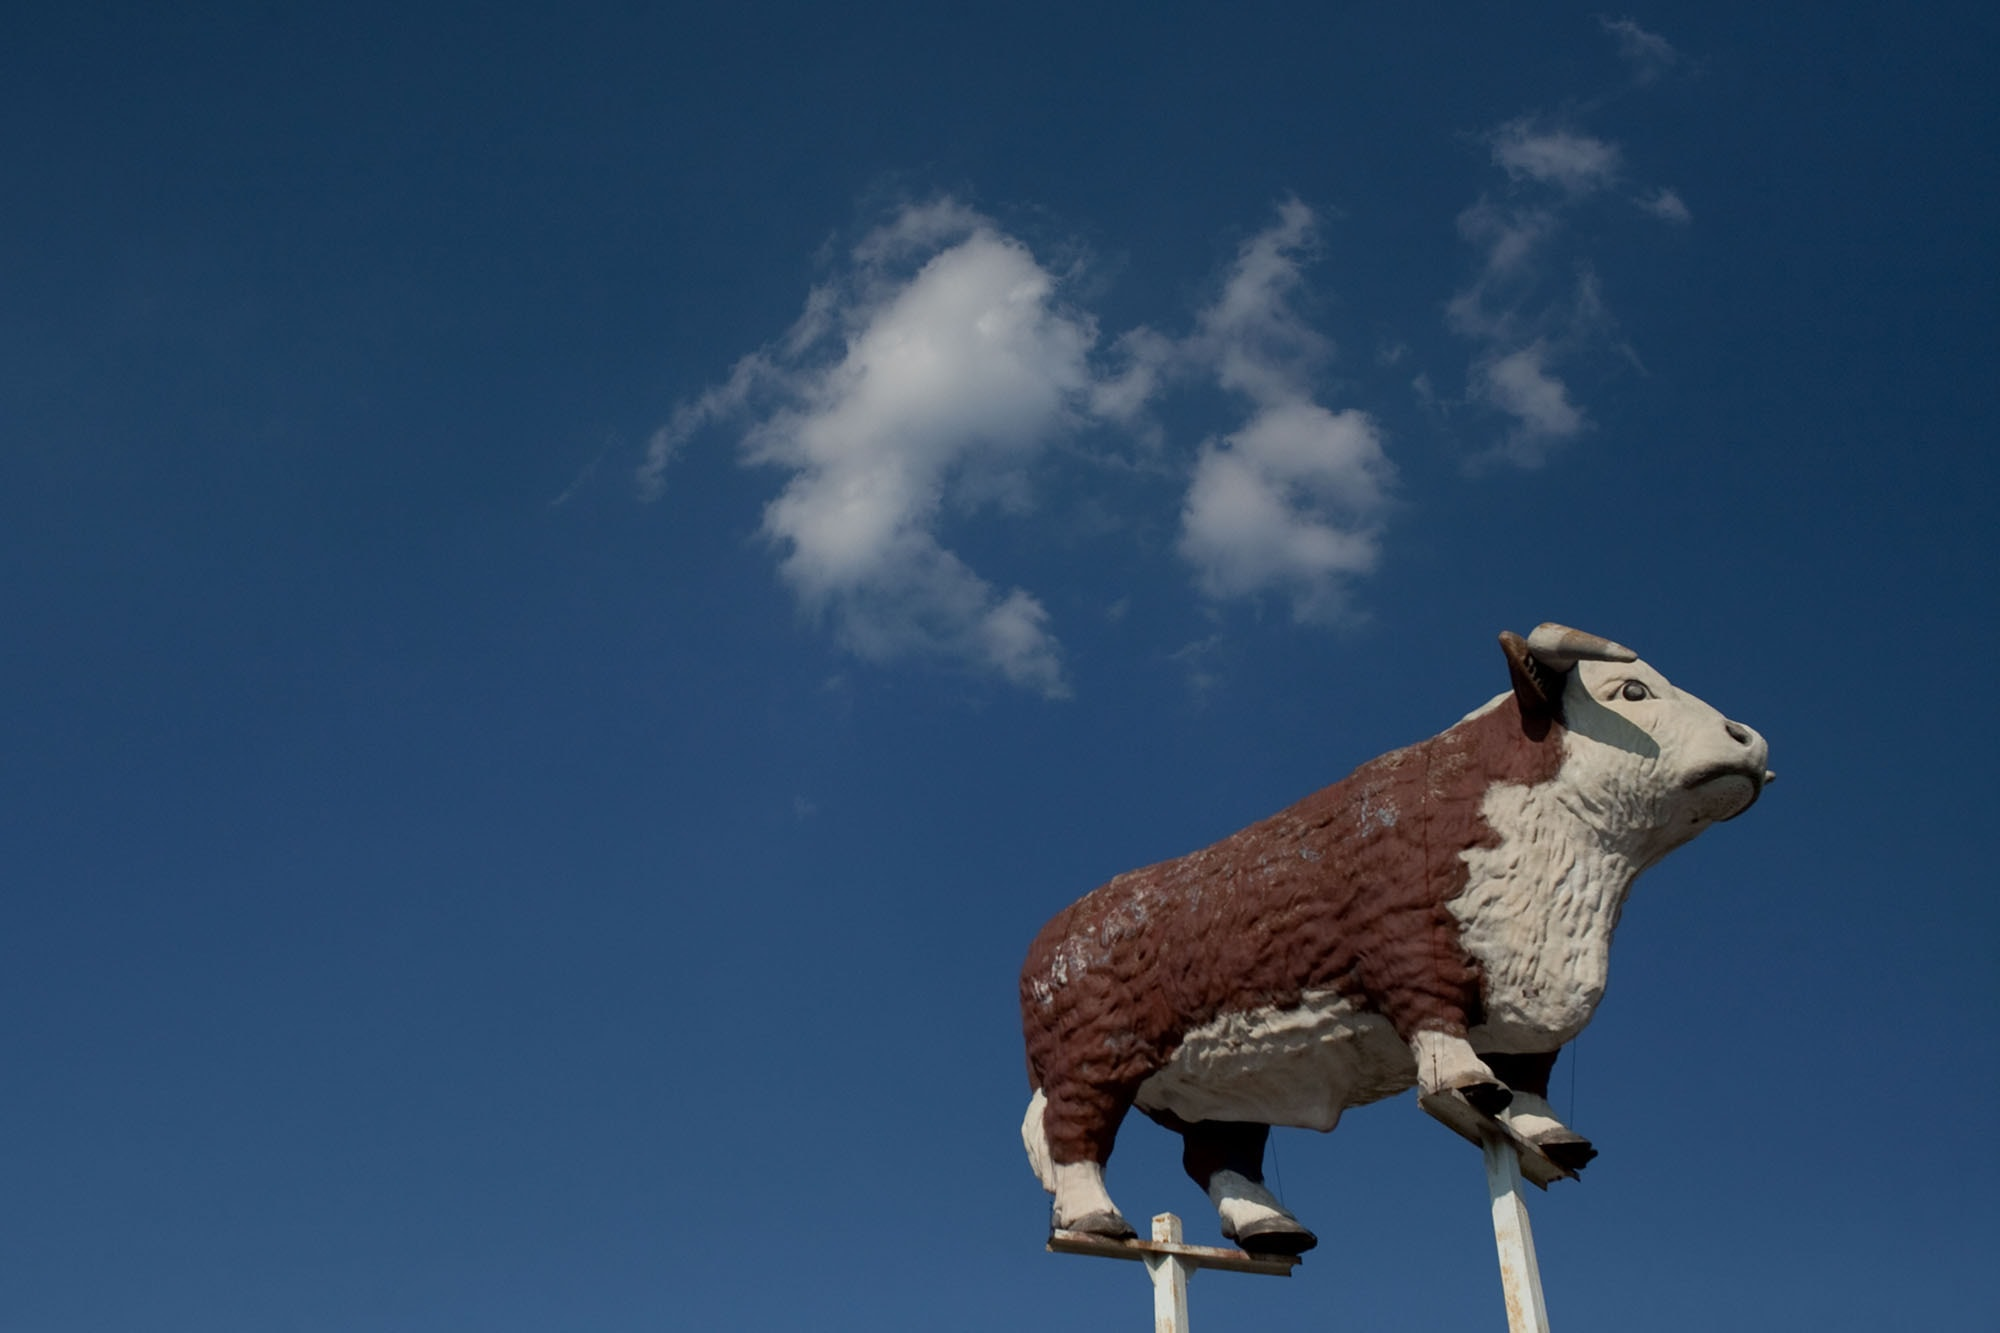 Virginia/North Carolina Road Trip - Cow in the Sky